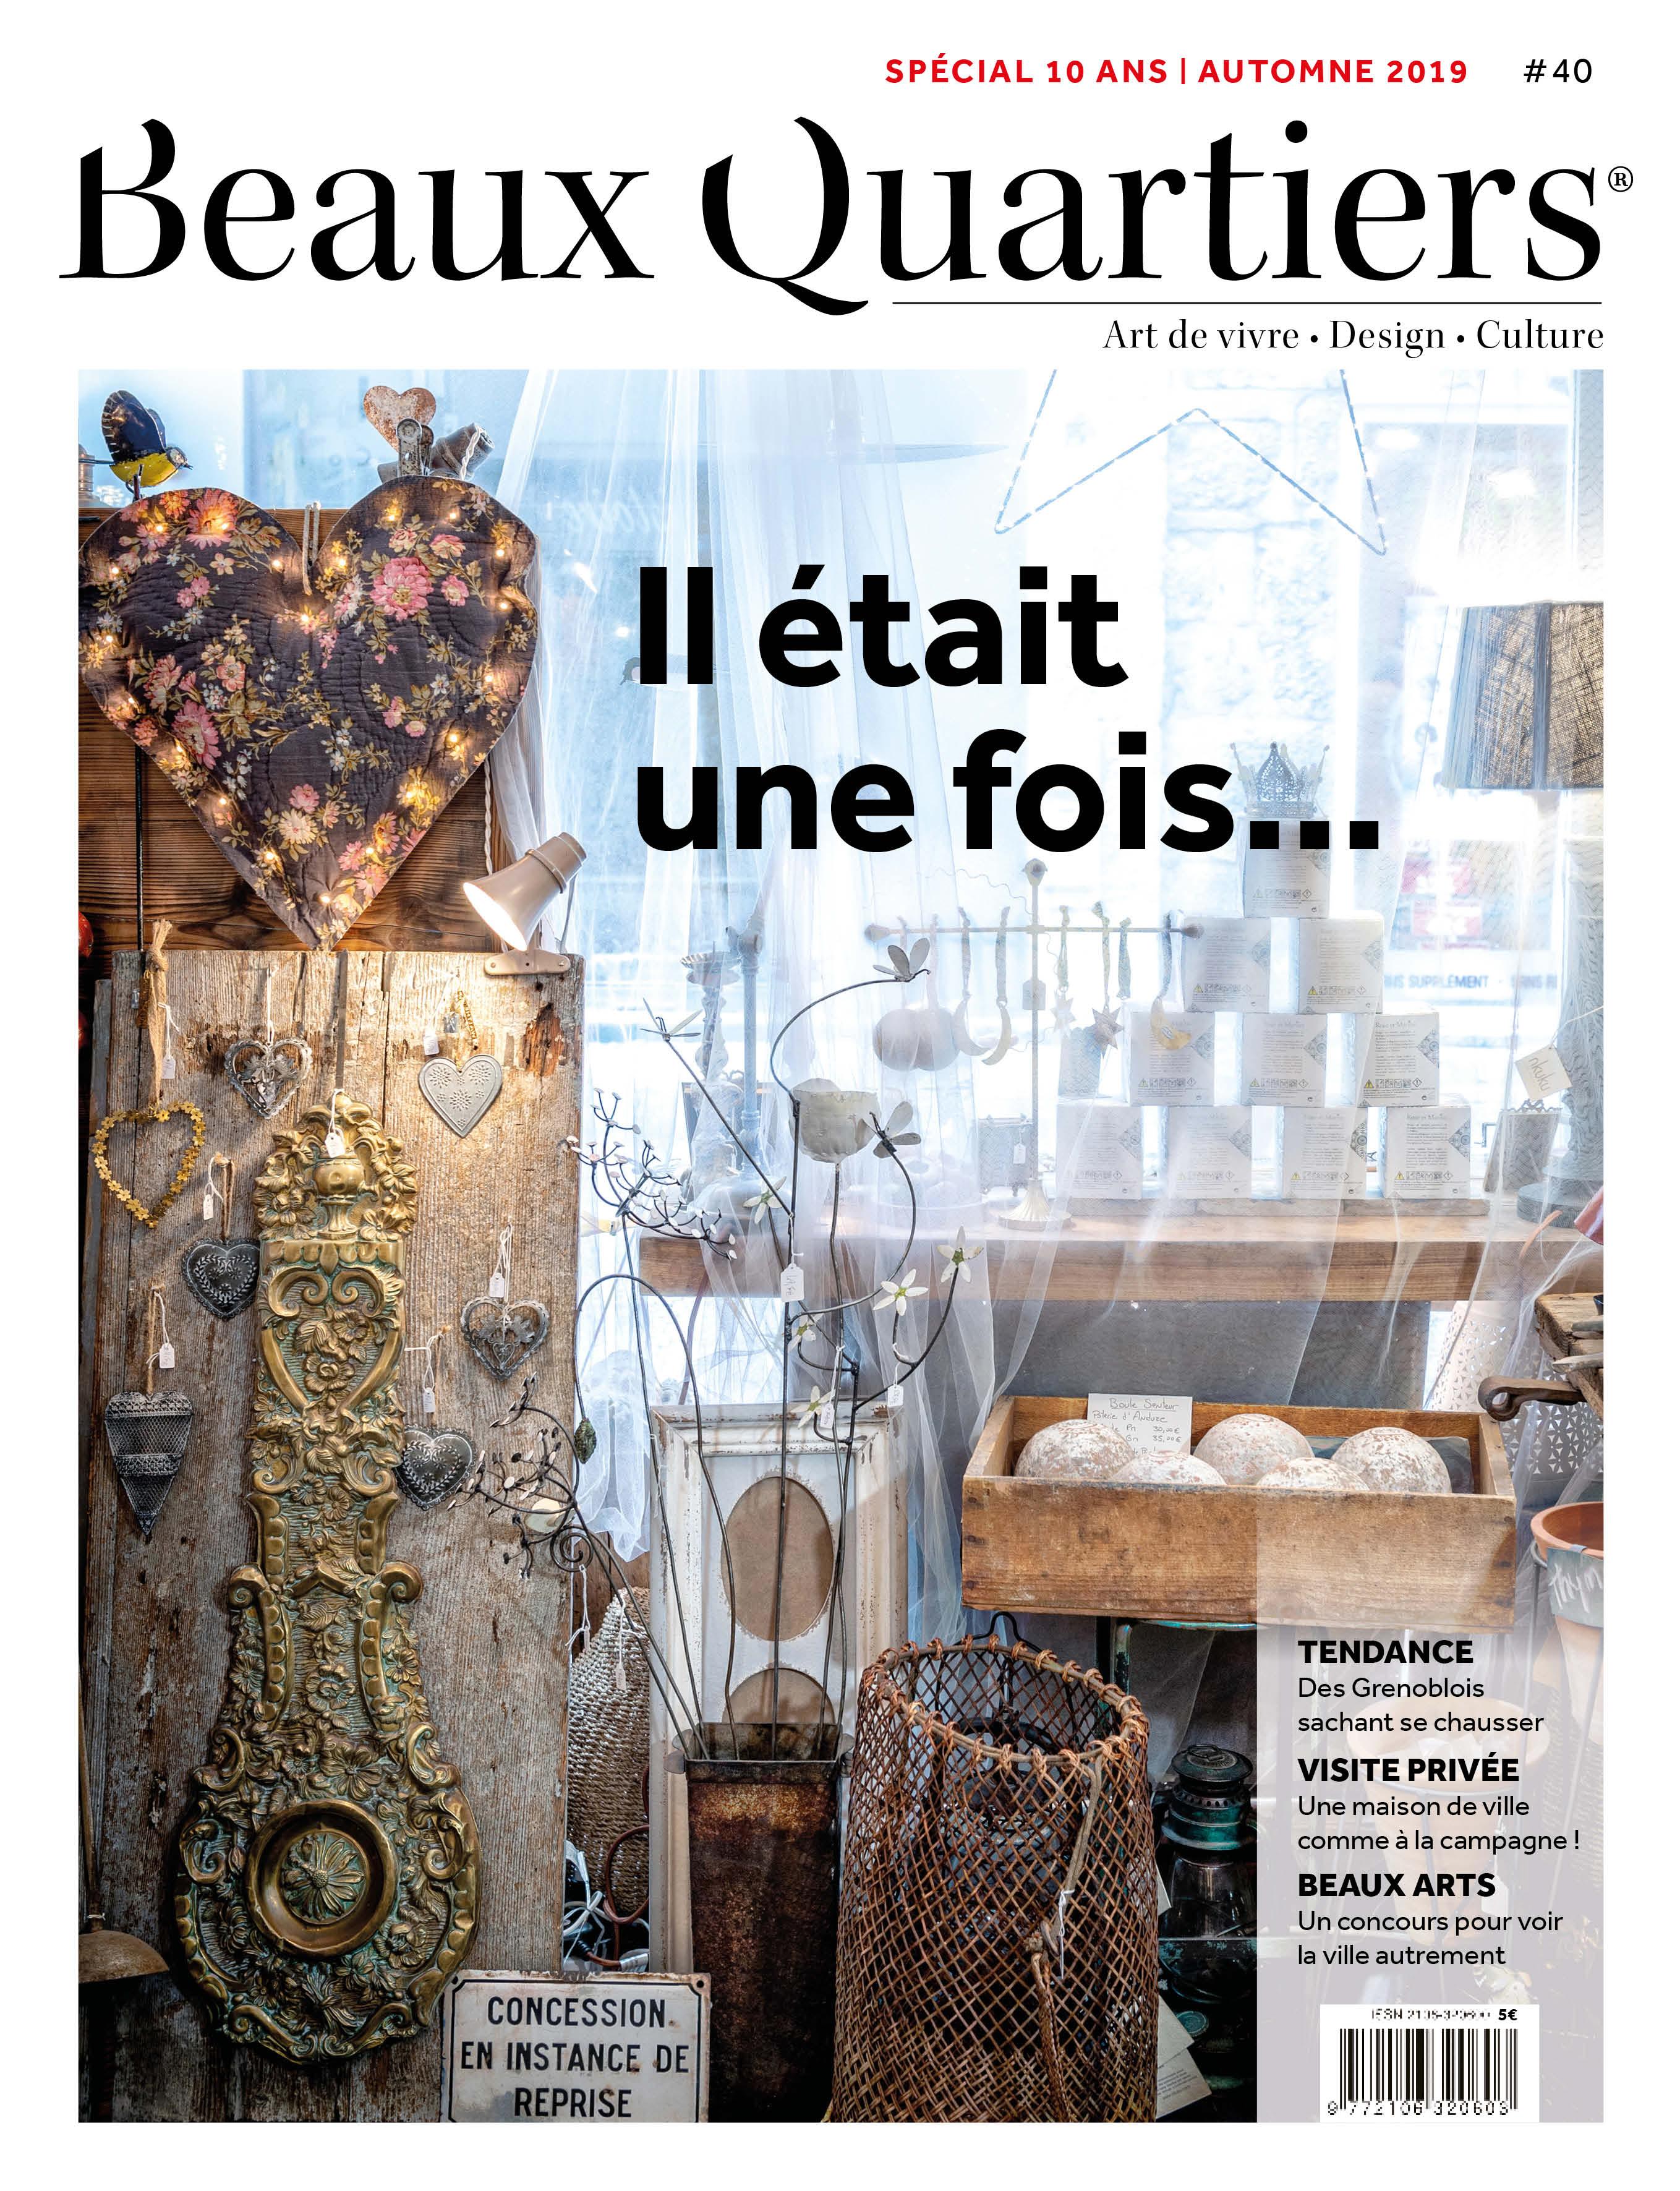 Beaux Quartiers 40 – Automne 2019